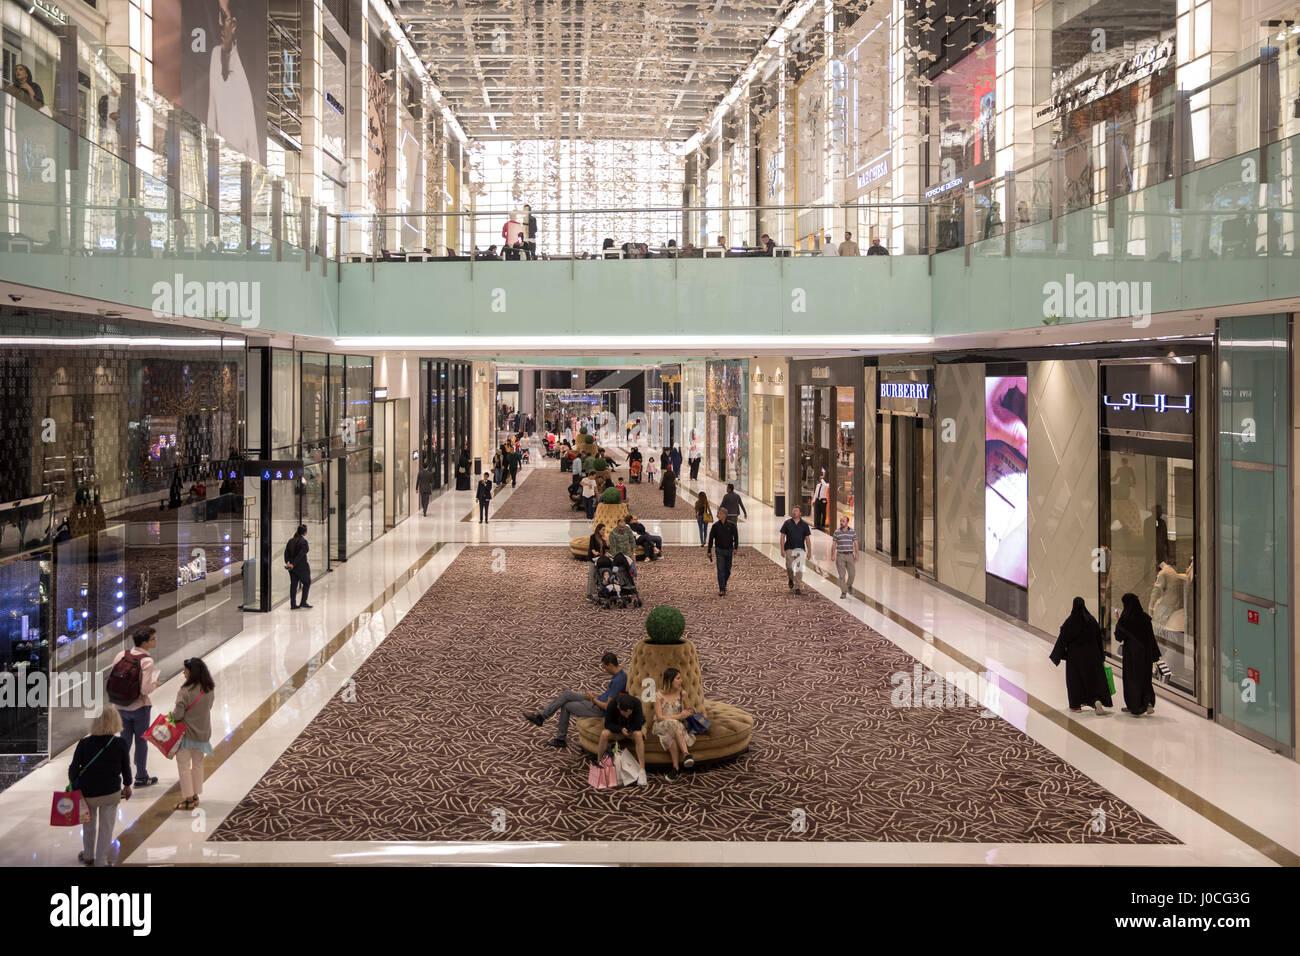 Fashion Avenue of the Dubai Mall. - Stock Image